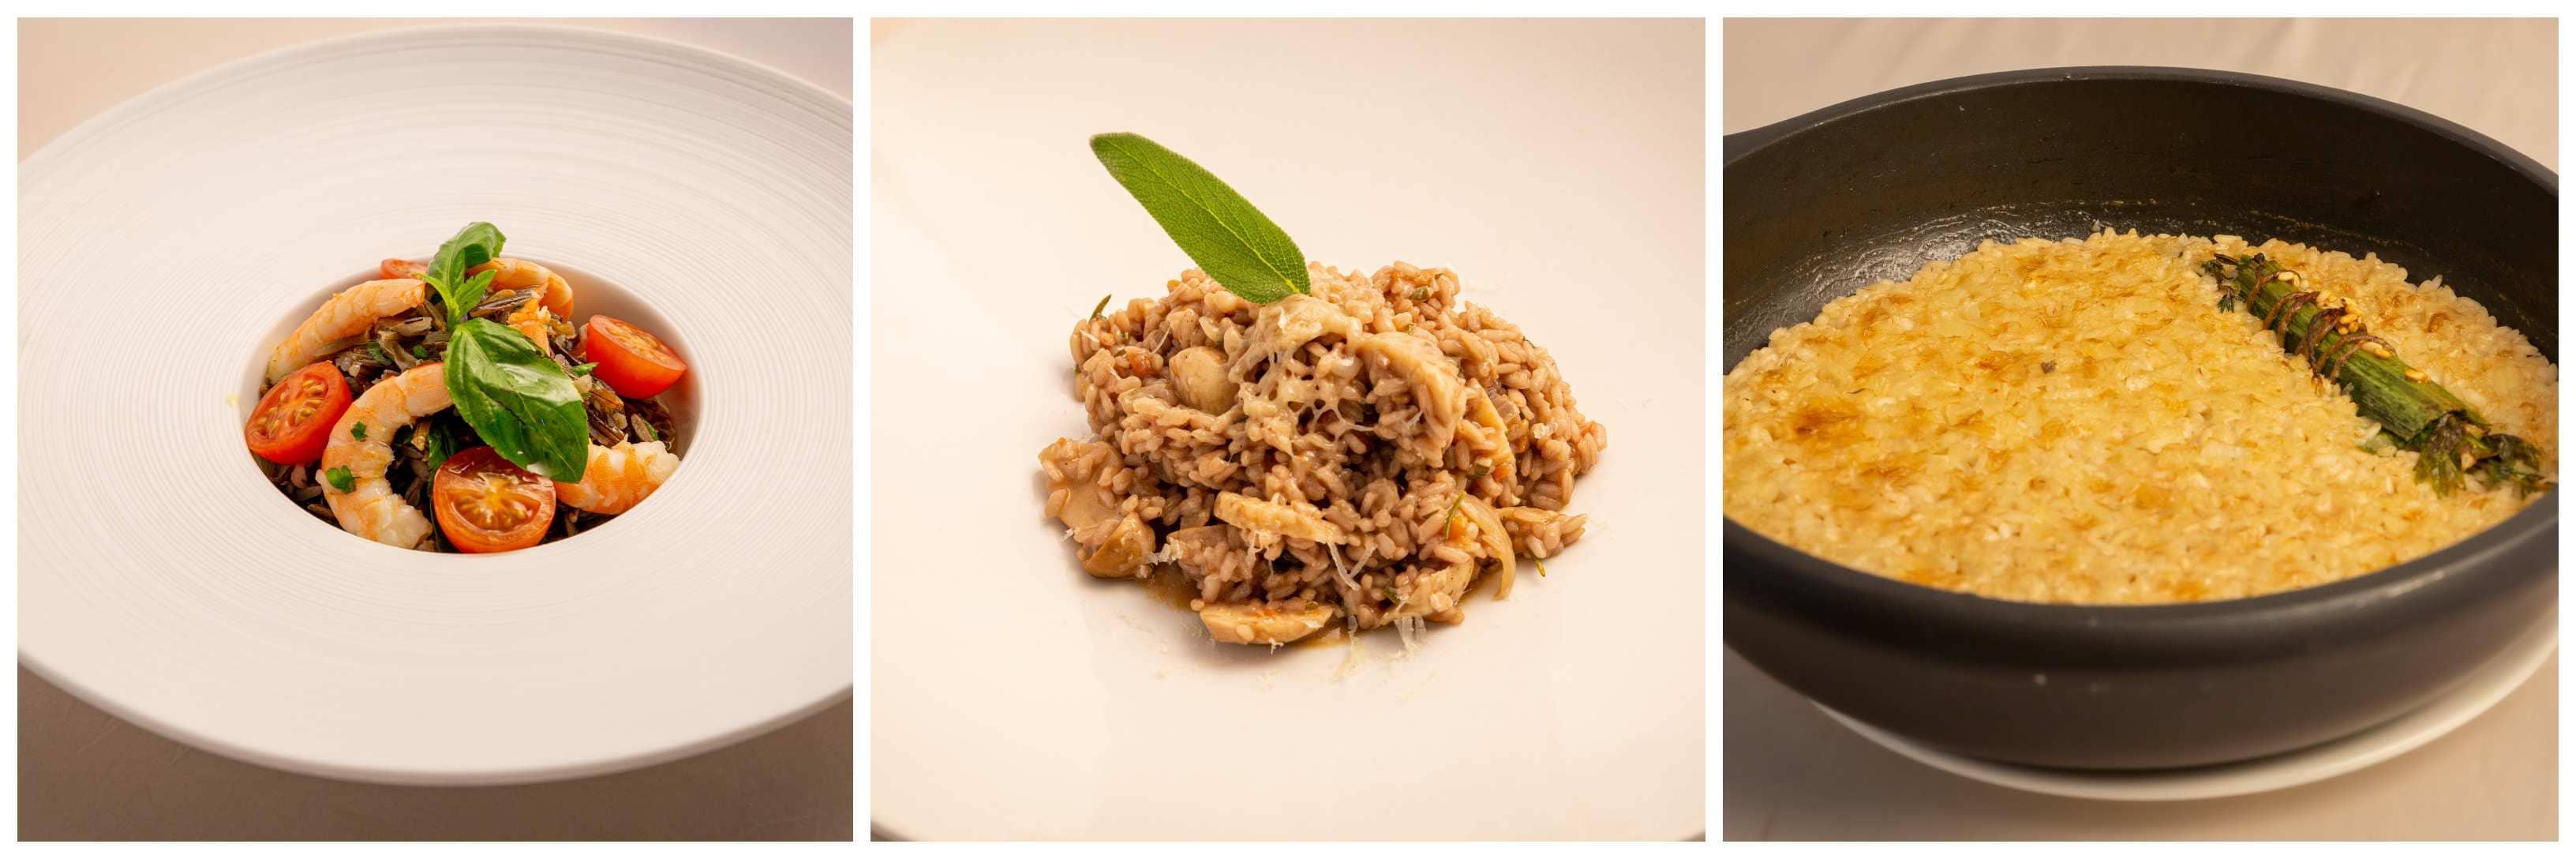 Ensalada de arroz salvaje, Risotto y arroz pilaf